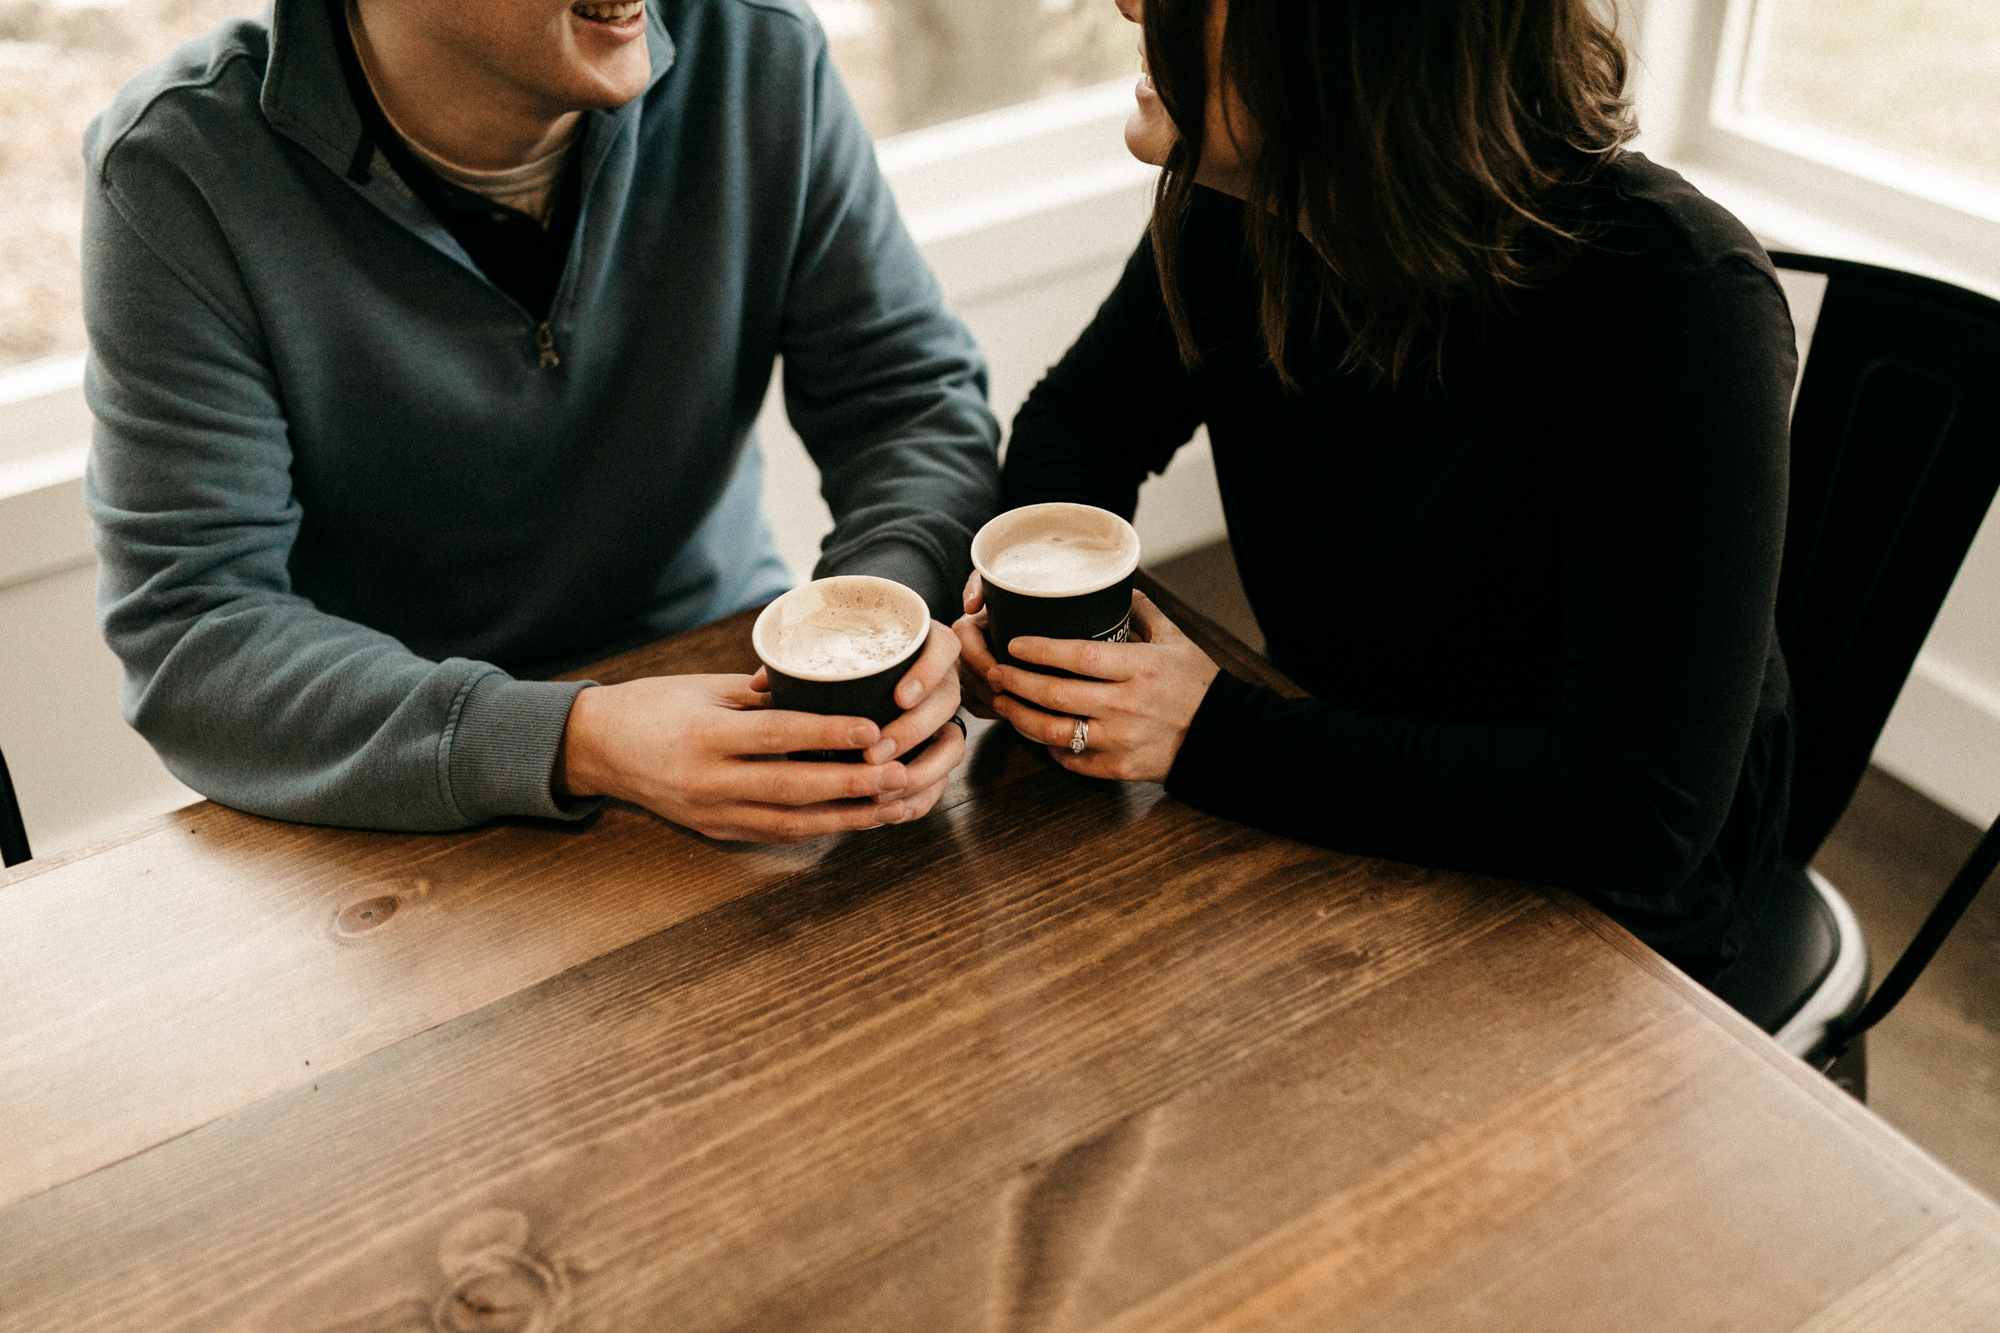 coffee shop photos